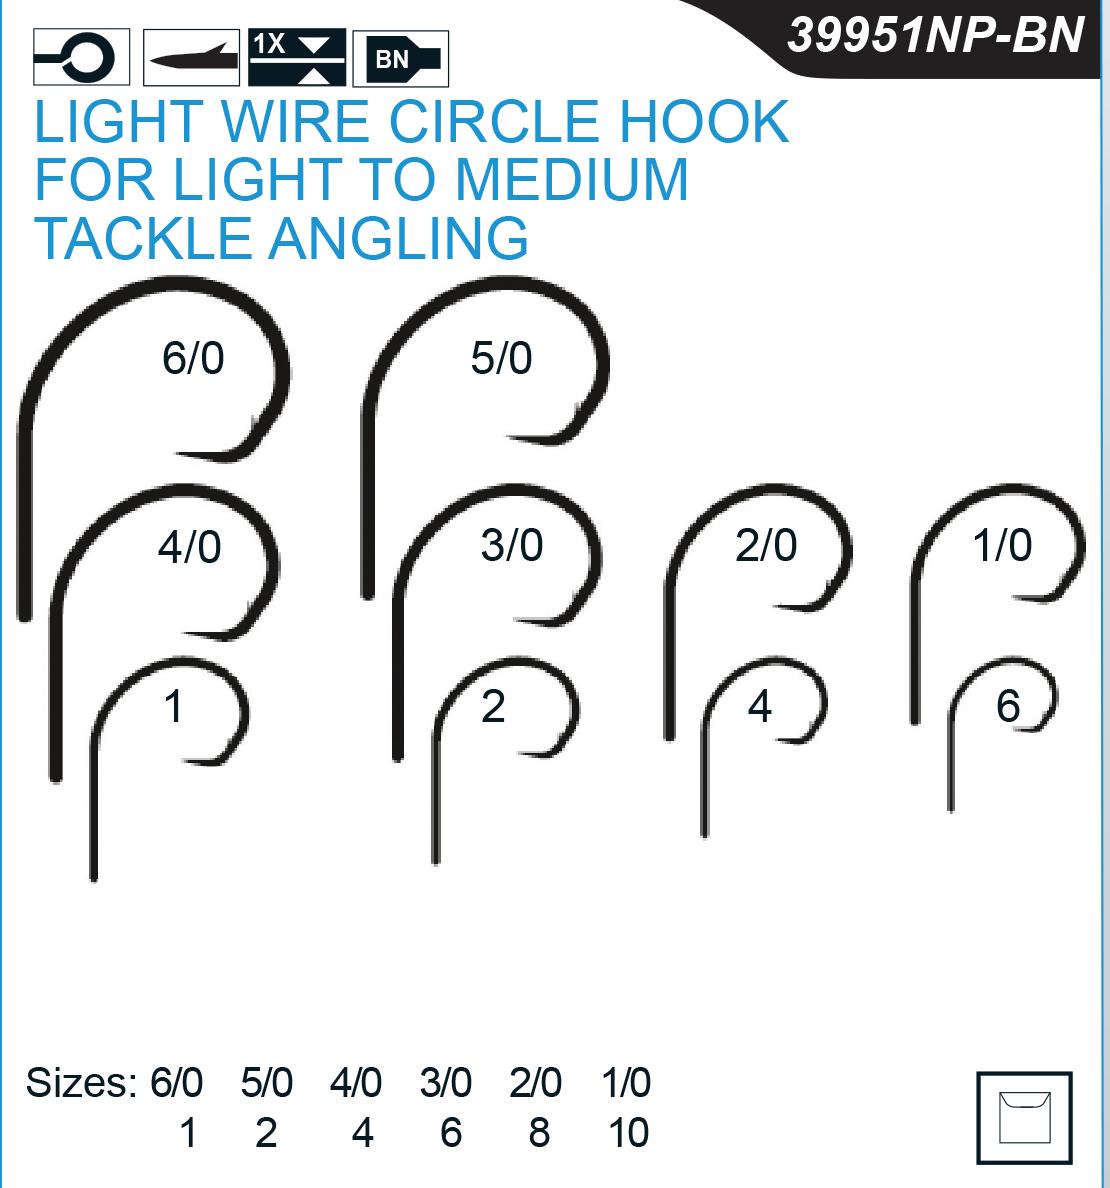 mustad-hook-lightwire-circle